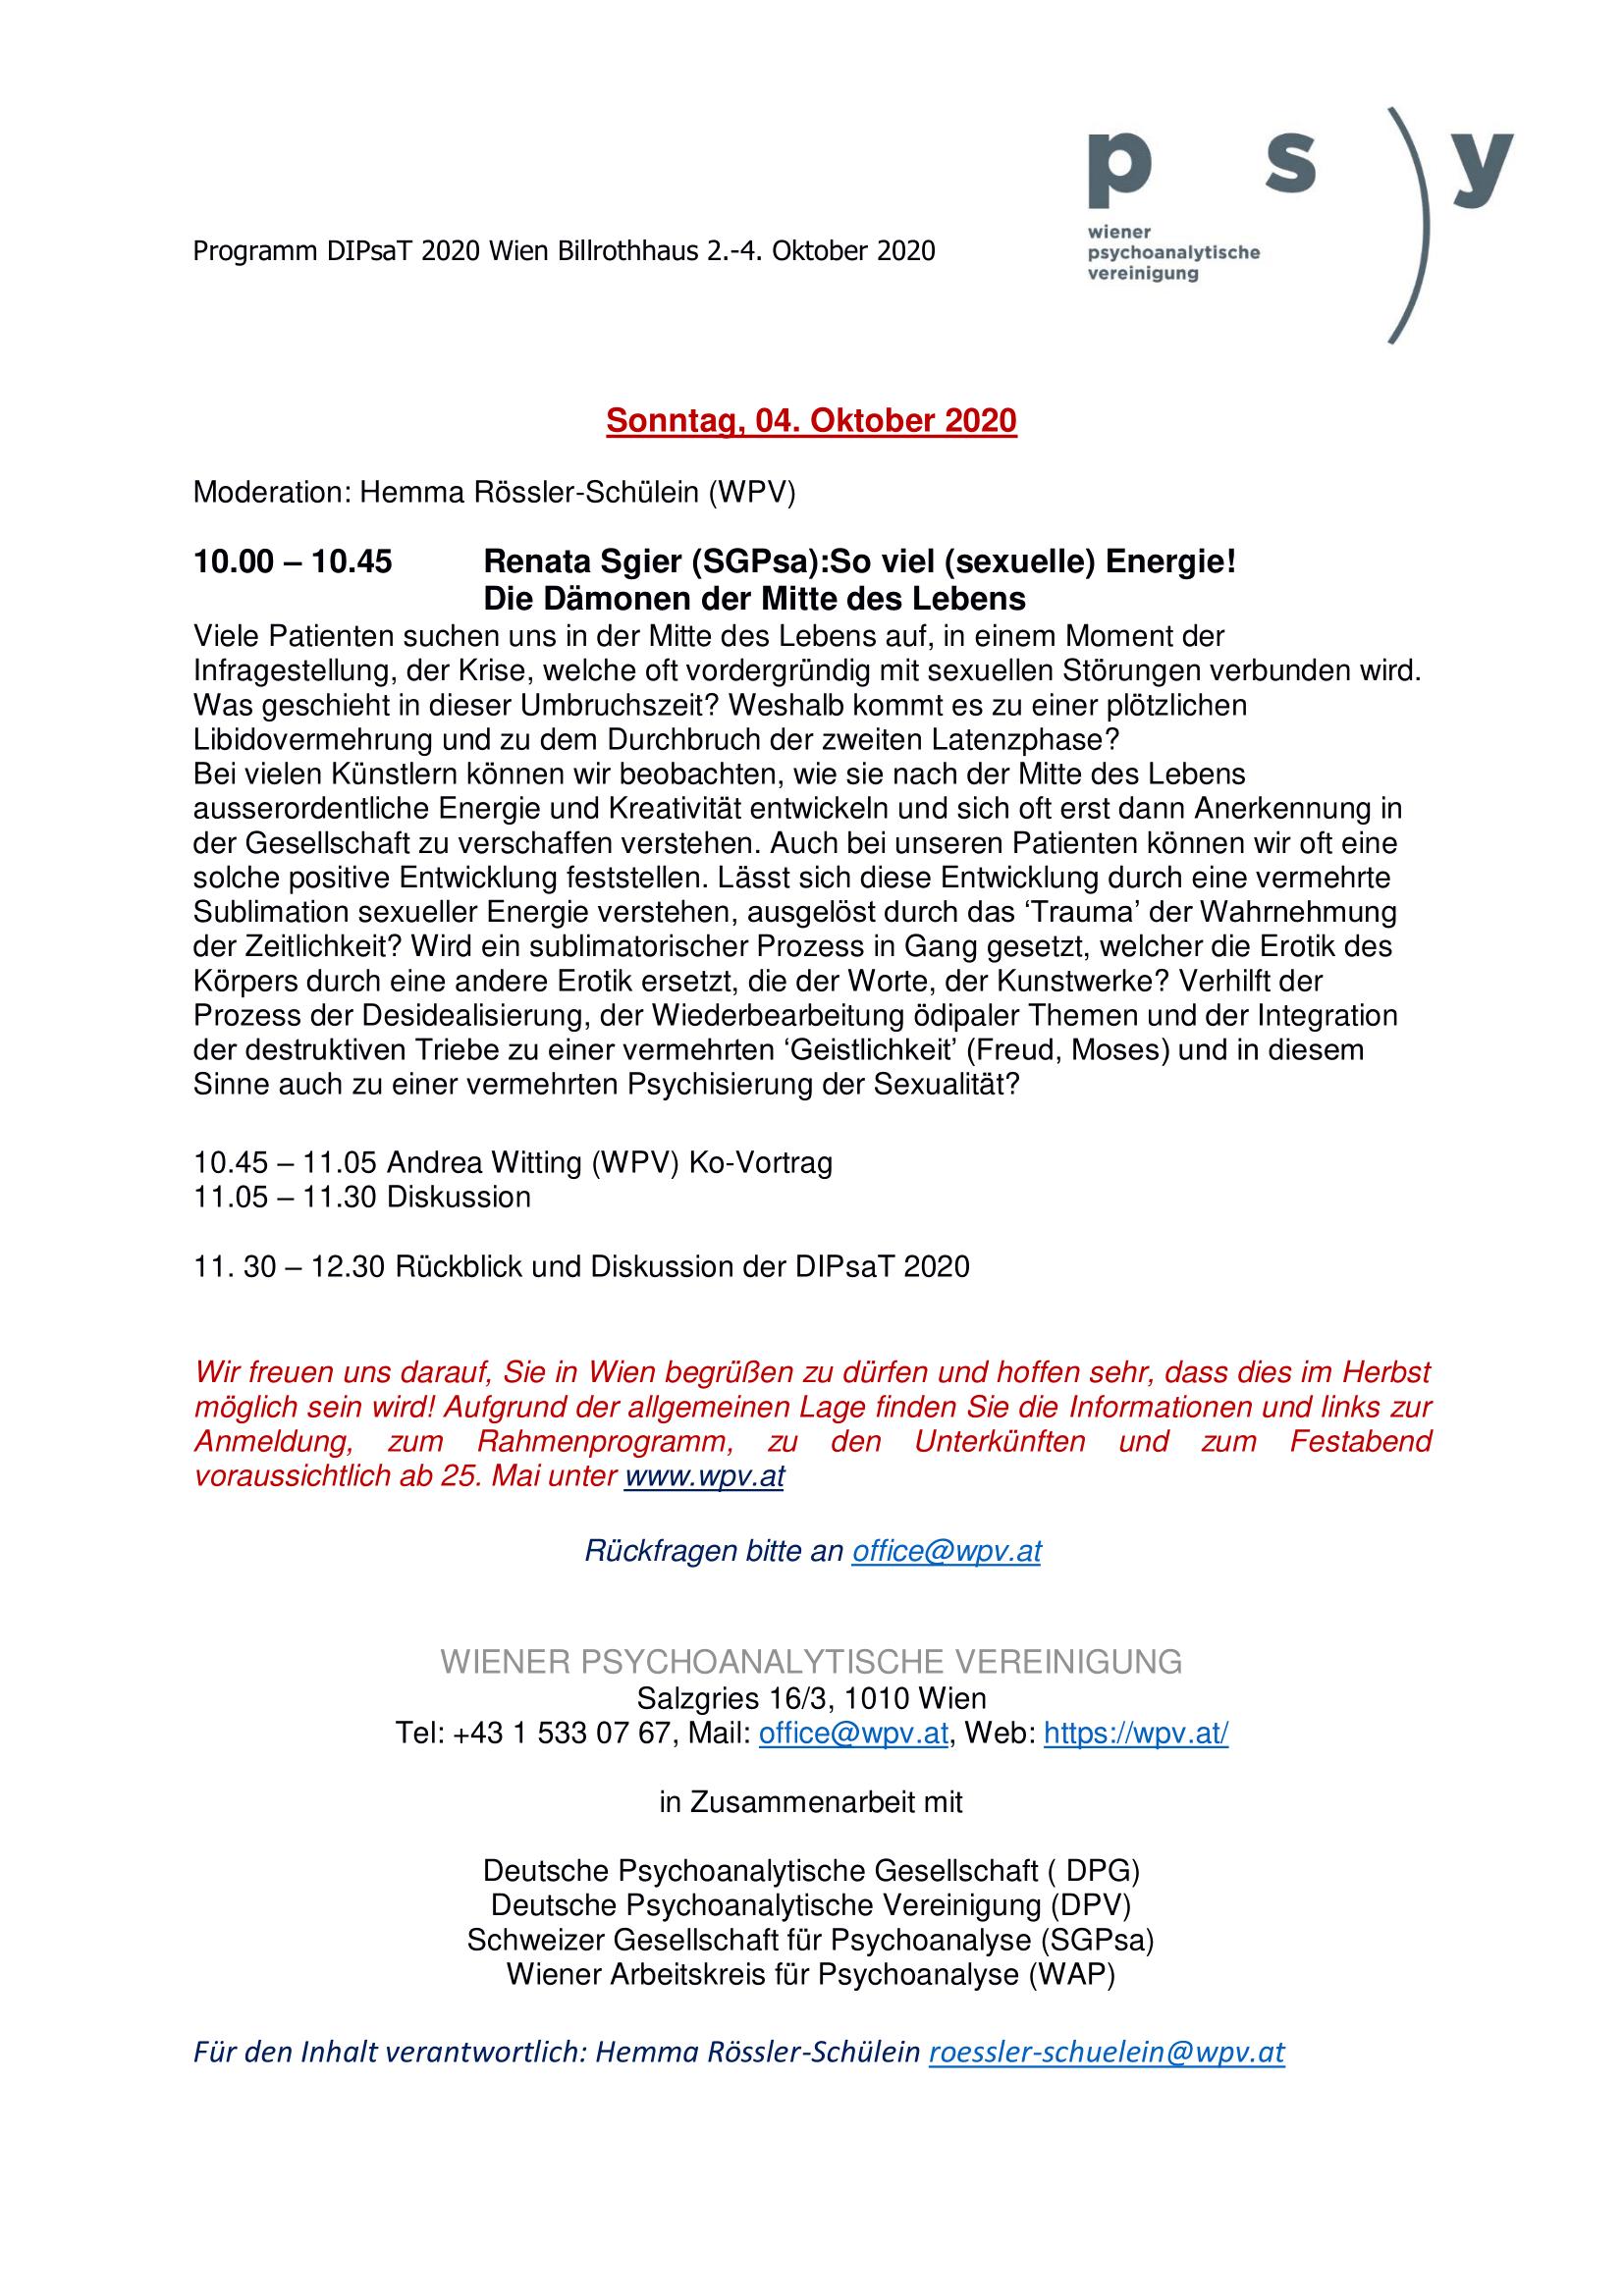 Programm DIPSAT 2020 4